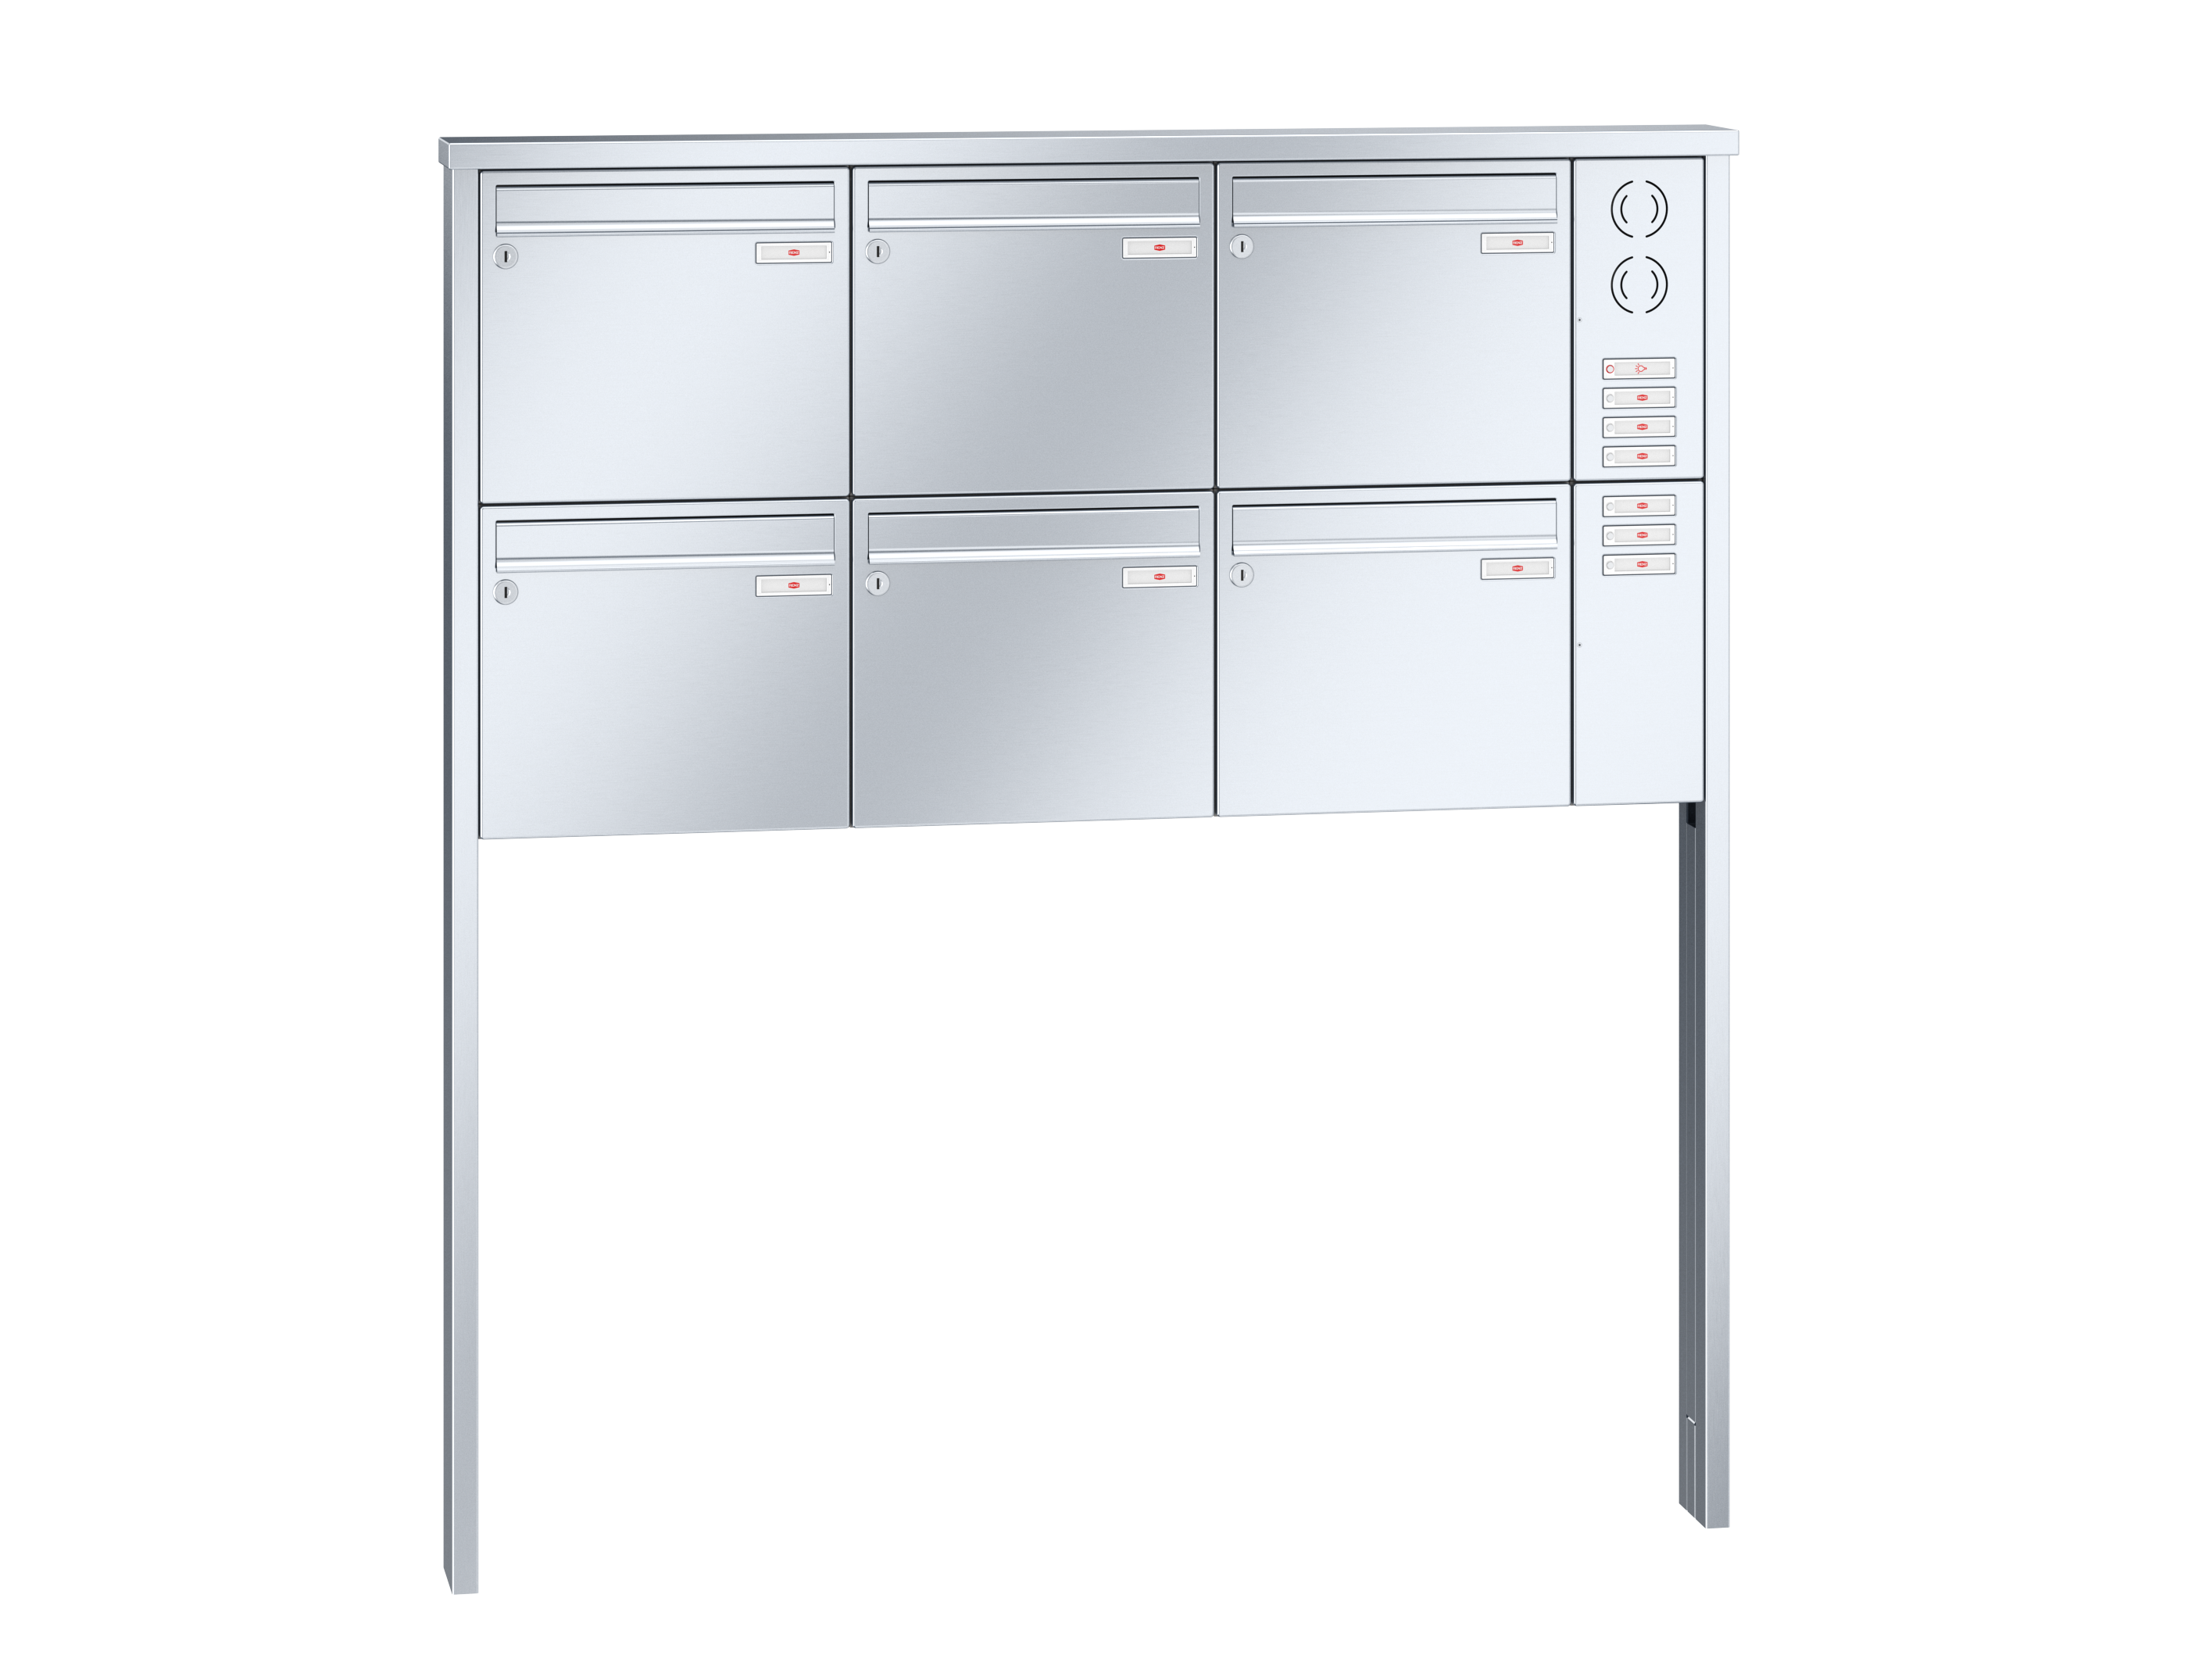 edelstahl briefkasten freistehend briefkasten freistehend briefkasten freistehend edelstahl. Black Bedroom Furniture Sets. Home Design Ideas